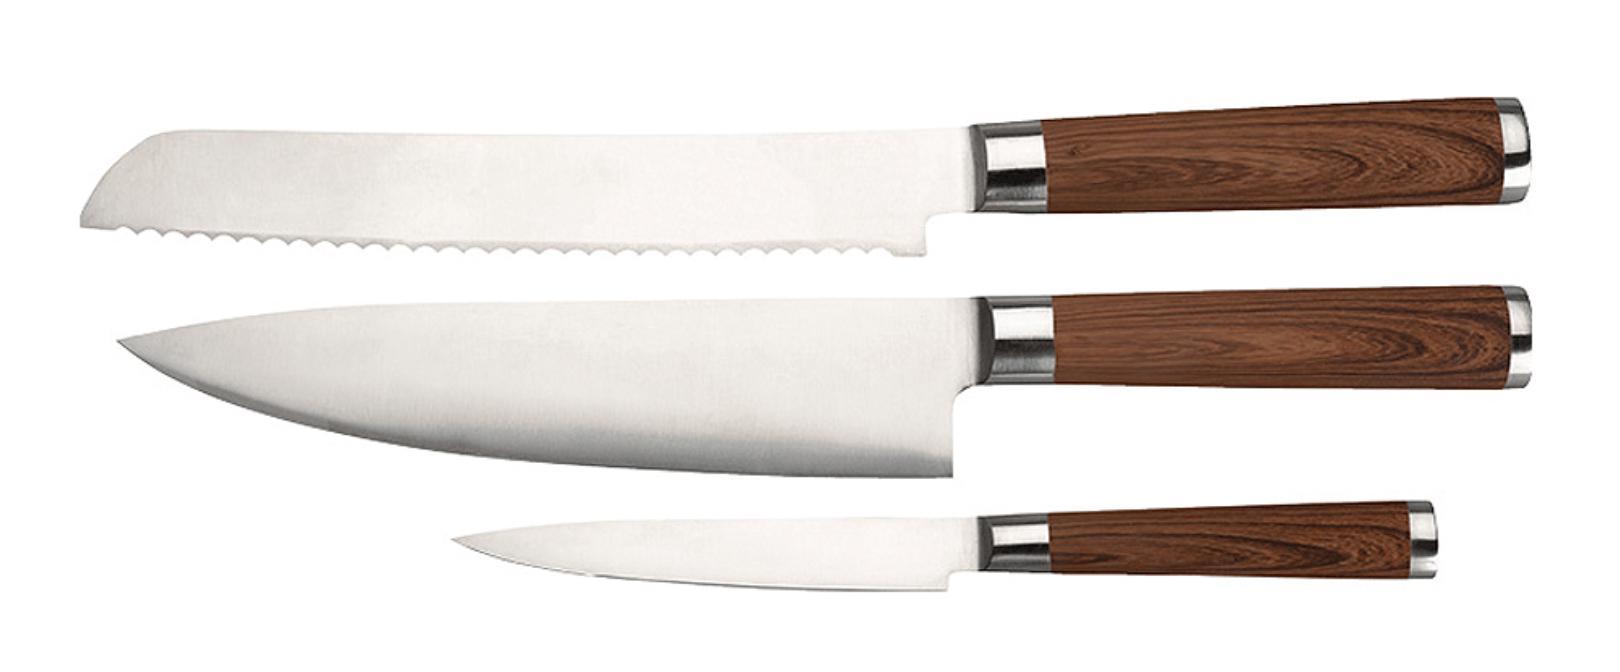 Knivset med snyggt mönster.